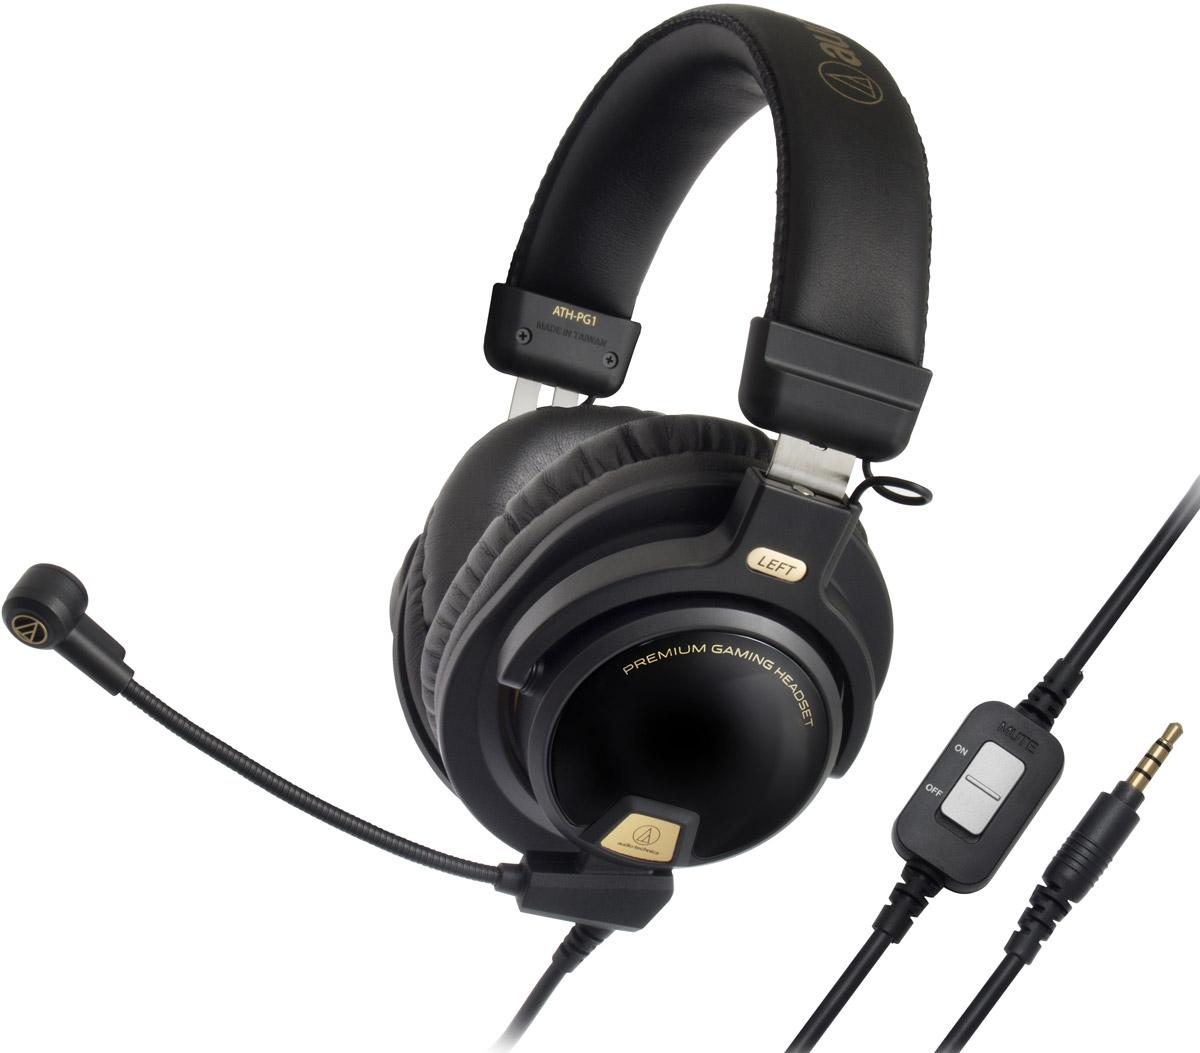 Audio-Technica ATH-PG1 игровые наушники15118120Audio-Technica ATH-PG1 – домашняя гарнитура закрытого типа для компьютерных игр, телефонии и прослушивания музыки. Большие 44-мм драйверы обеспечивают мощный, живой звук и подчеркивают каждую акустическую деталь игрового окружения. Гарнитура изготовлена из легких материалов, она имеет мягкие кожаные оголовье и амбушюры, что позволяет комфортно играть длительное время. ATH-PG1 имеет съёмный кабель, в комплекте идут три шнура, в том числе с микрофонами для смартфонов и для игр. Игровой микрофон выполнен на гибкой ножке и сочетается с функцией отключения звука и управления громкостью. Кристально чистая голосовая связь обеспечена! Живой звук Мягкая кожа и лёгкие материалы обеспечивают комфорт и свободу в использовании Узконаправленный микрофон на гибкой ножке Функция отключения звука и управления громкостью микрофона